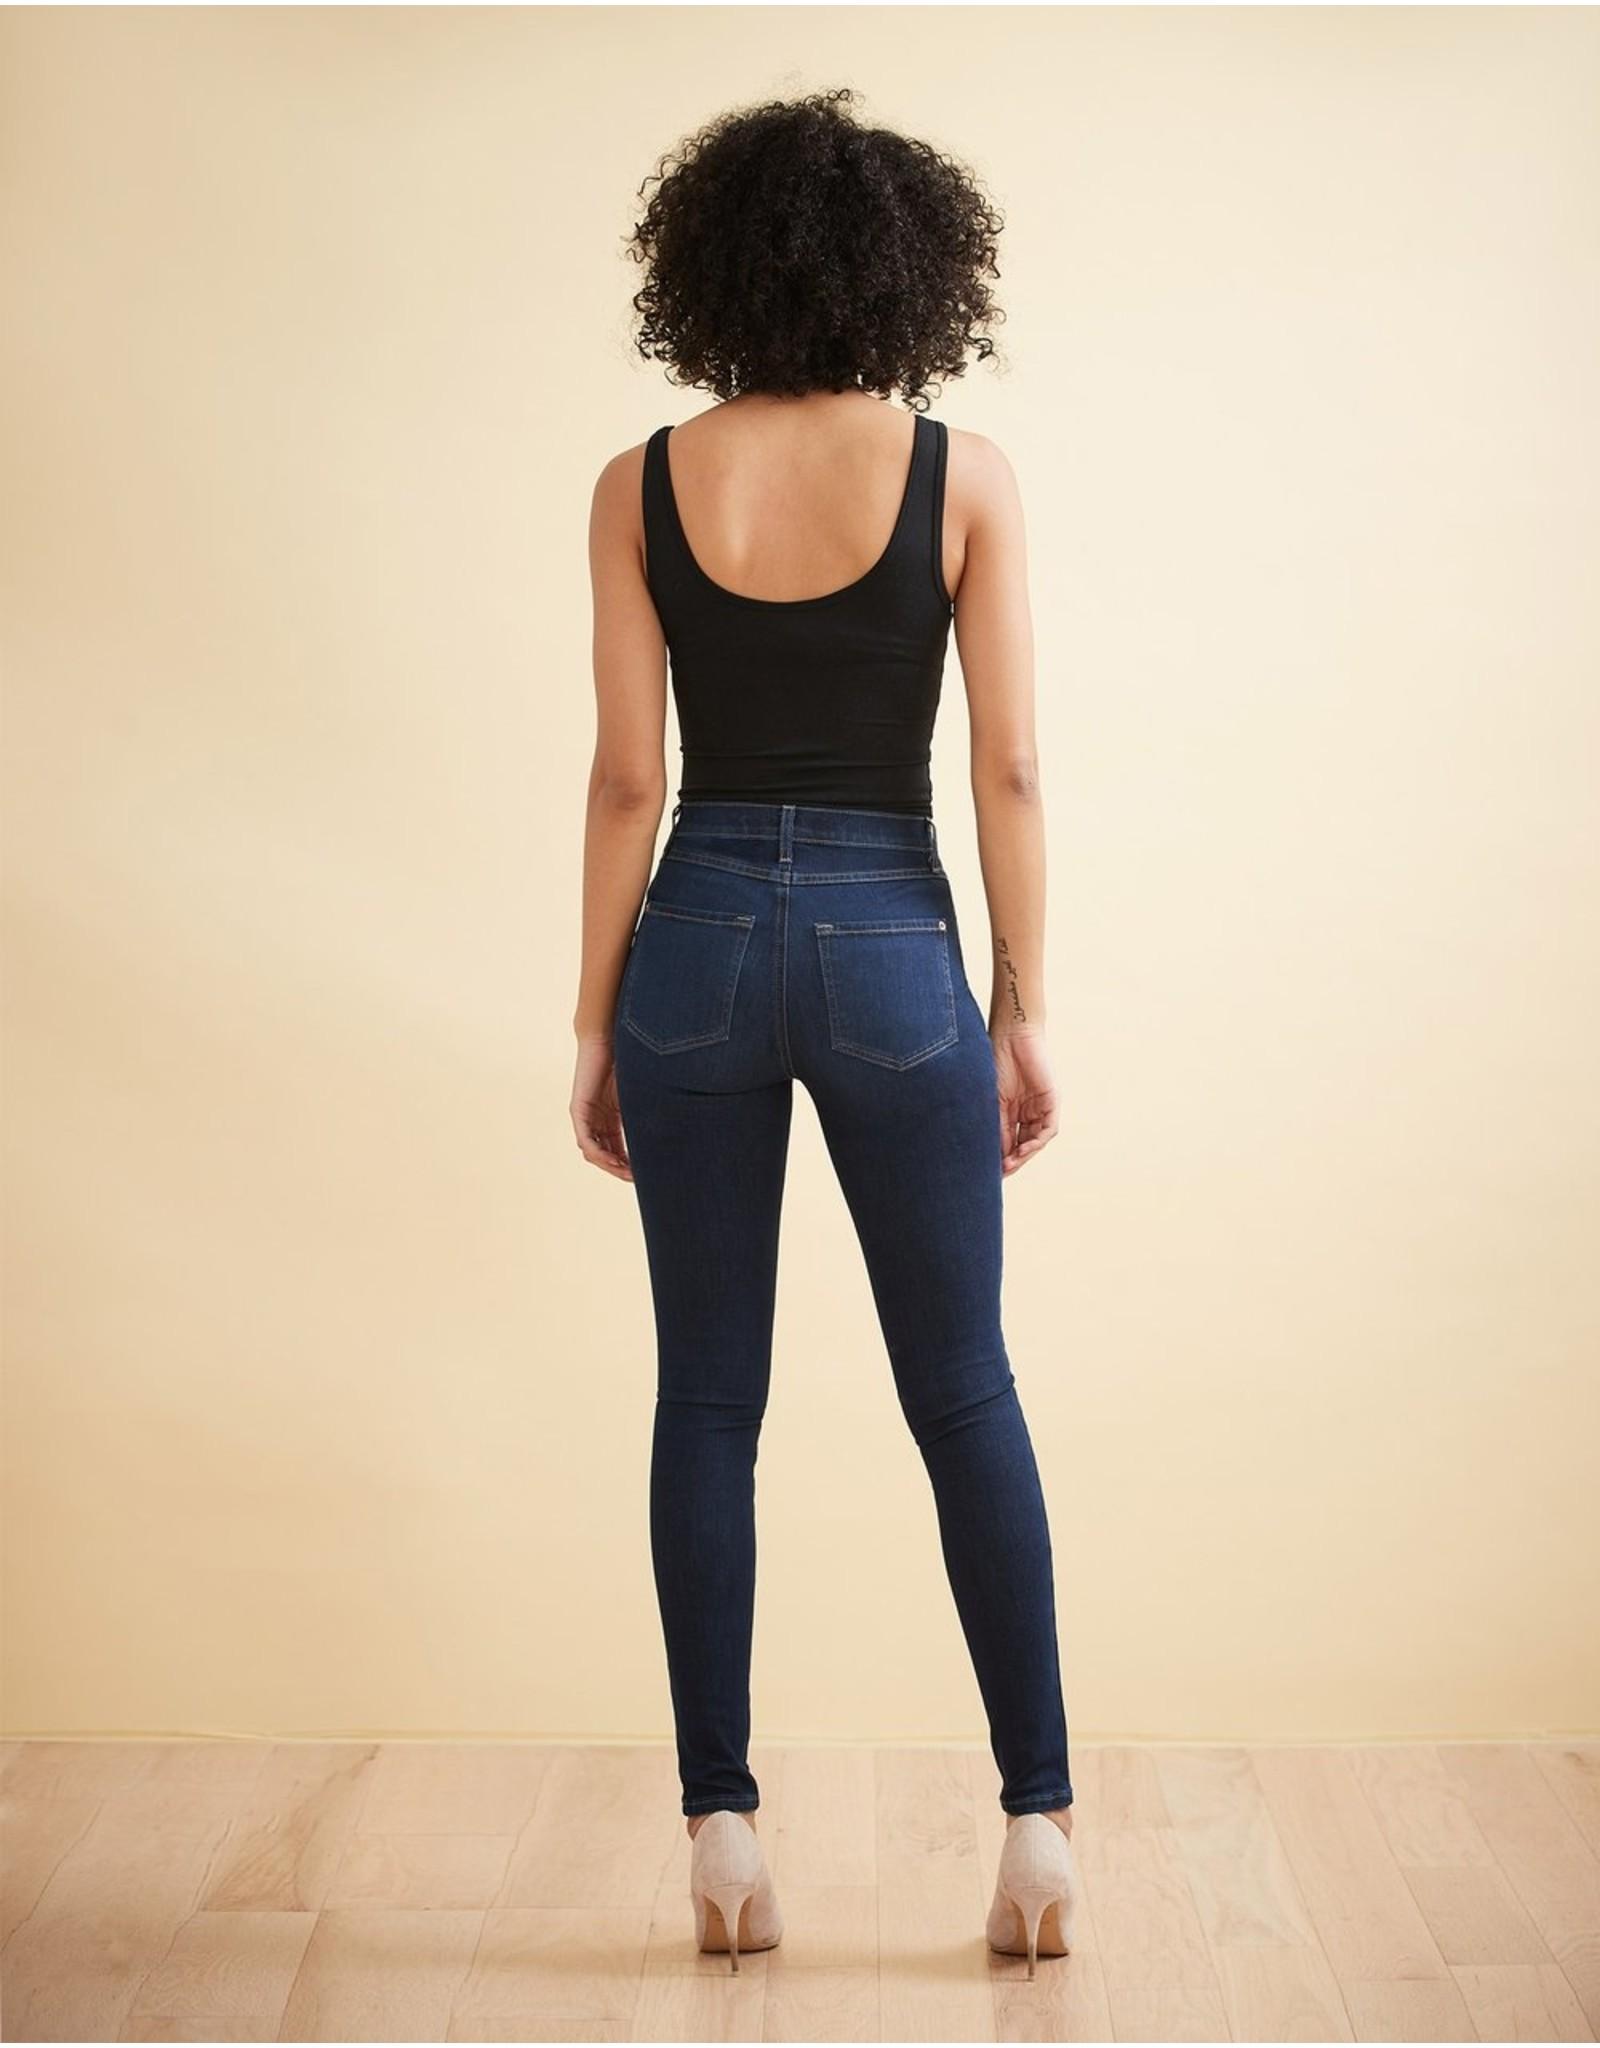 Yoga Jeans - Rachel High Rise Skinny - Dark Indie